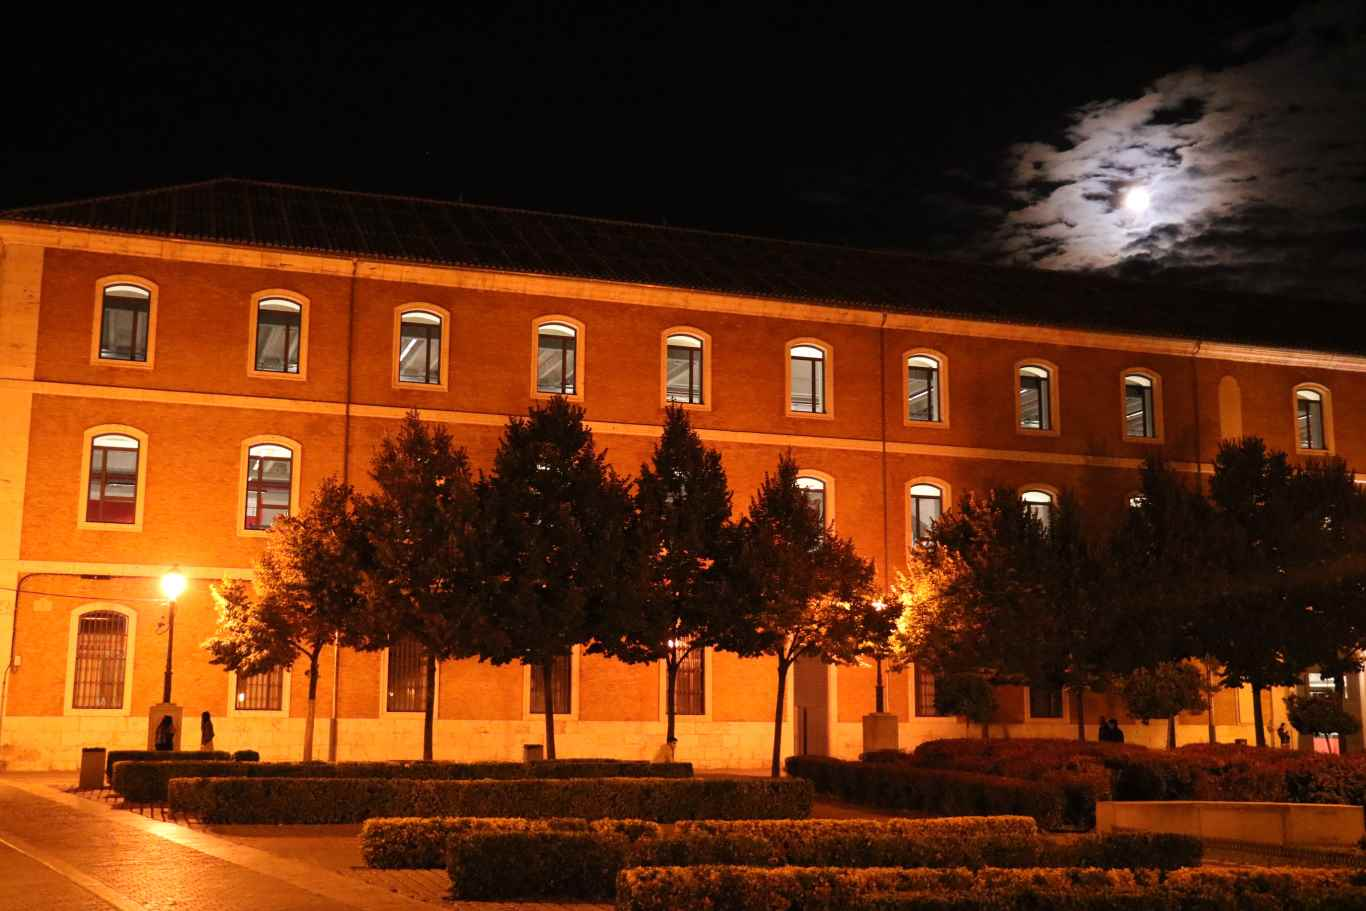 Nueva residencia universitaria lope de vega en el centro for Residencia canina alcala de henares